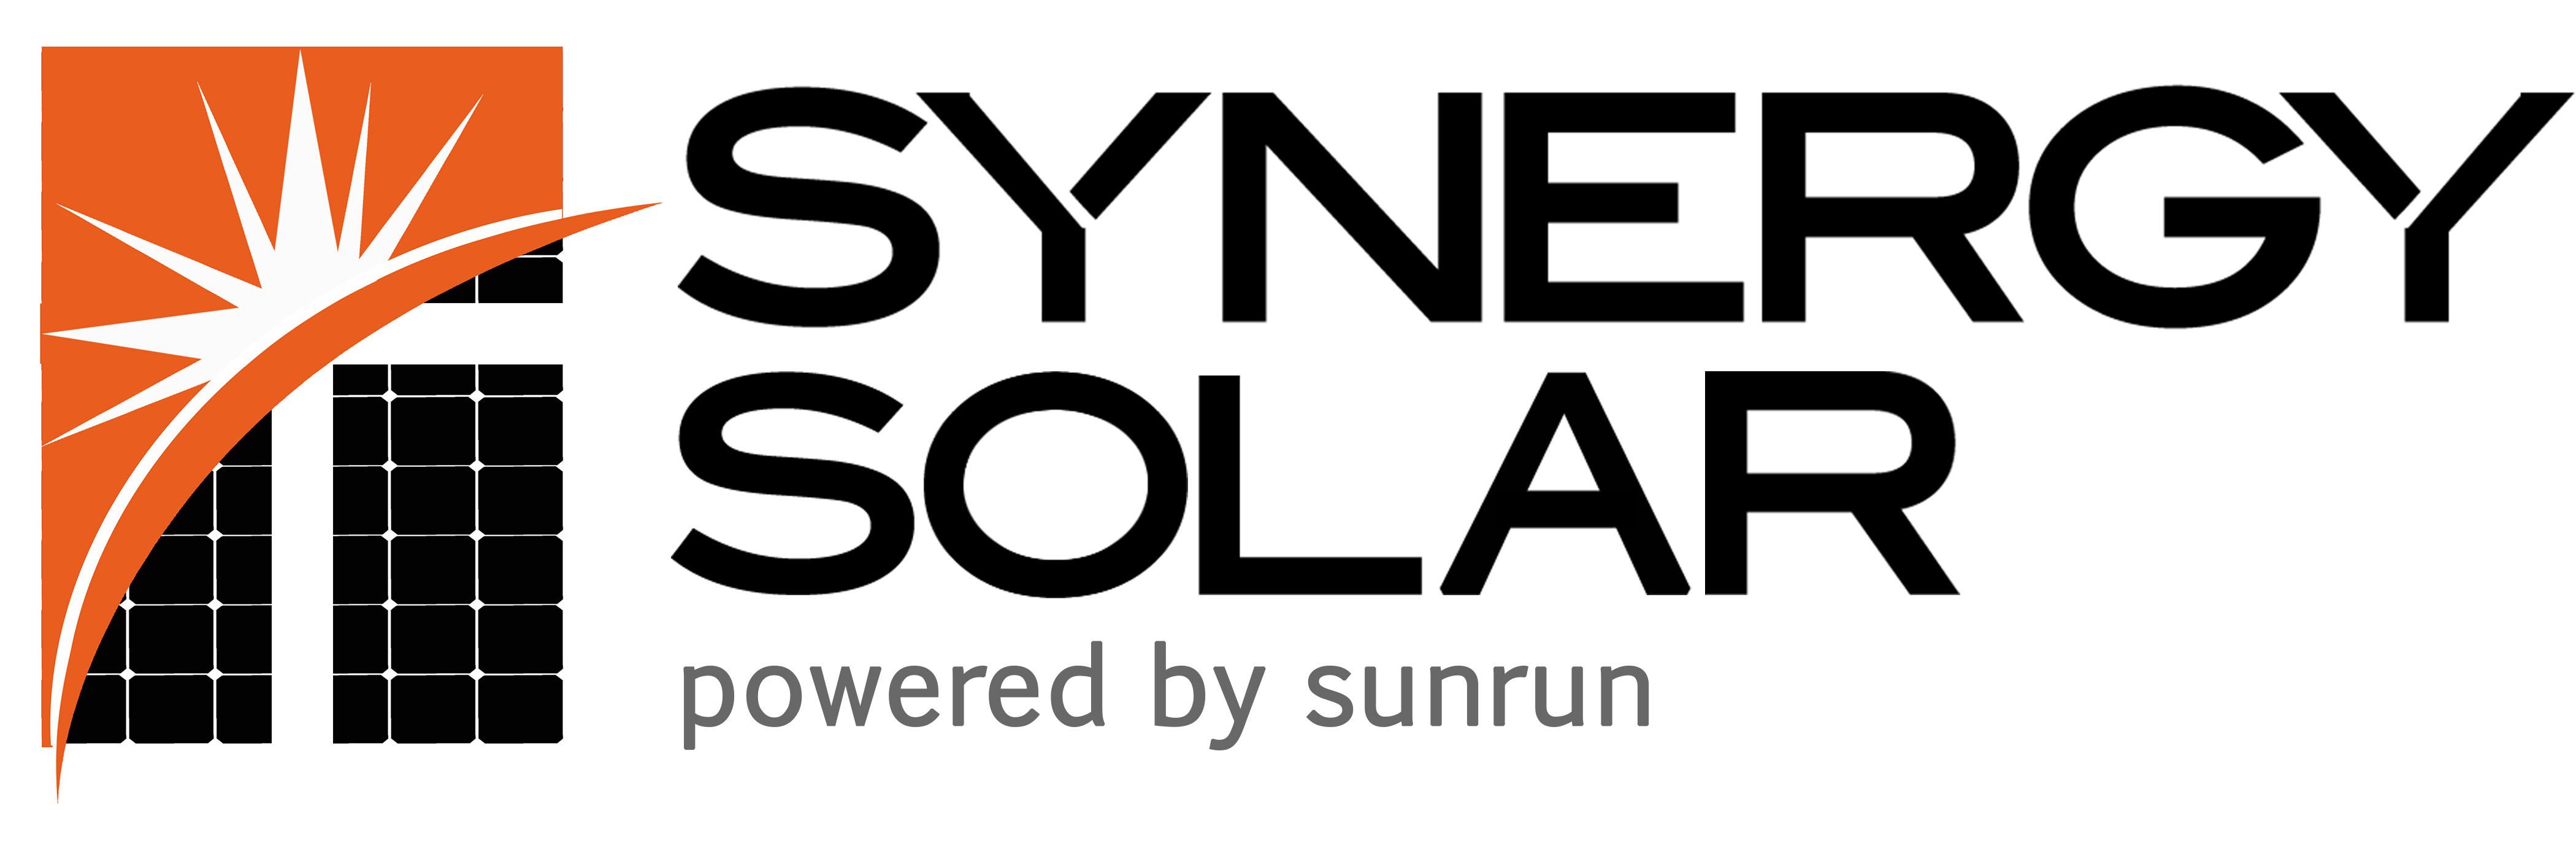 Synergy Florida